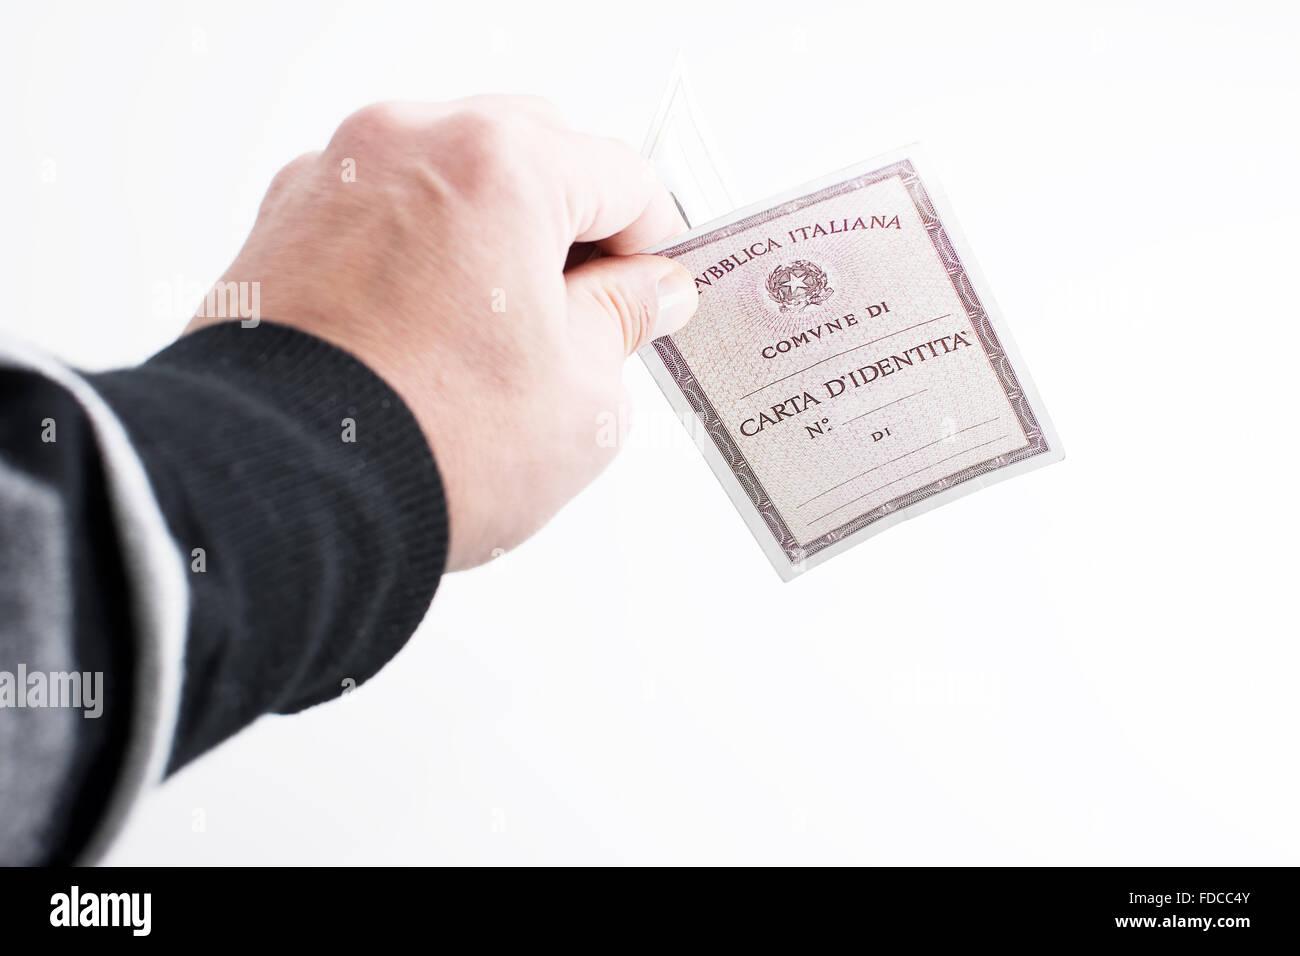 CUSTODIA MULTIPLA CARTA D´IDENTITÀ ITALIAN ID CARD HOLDER NEW